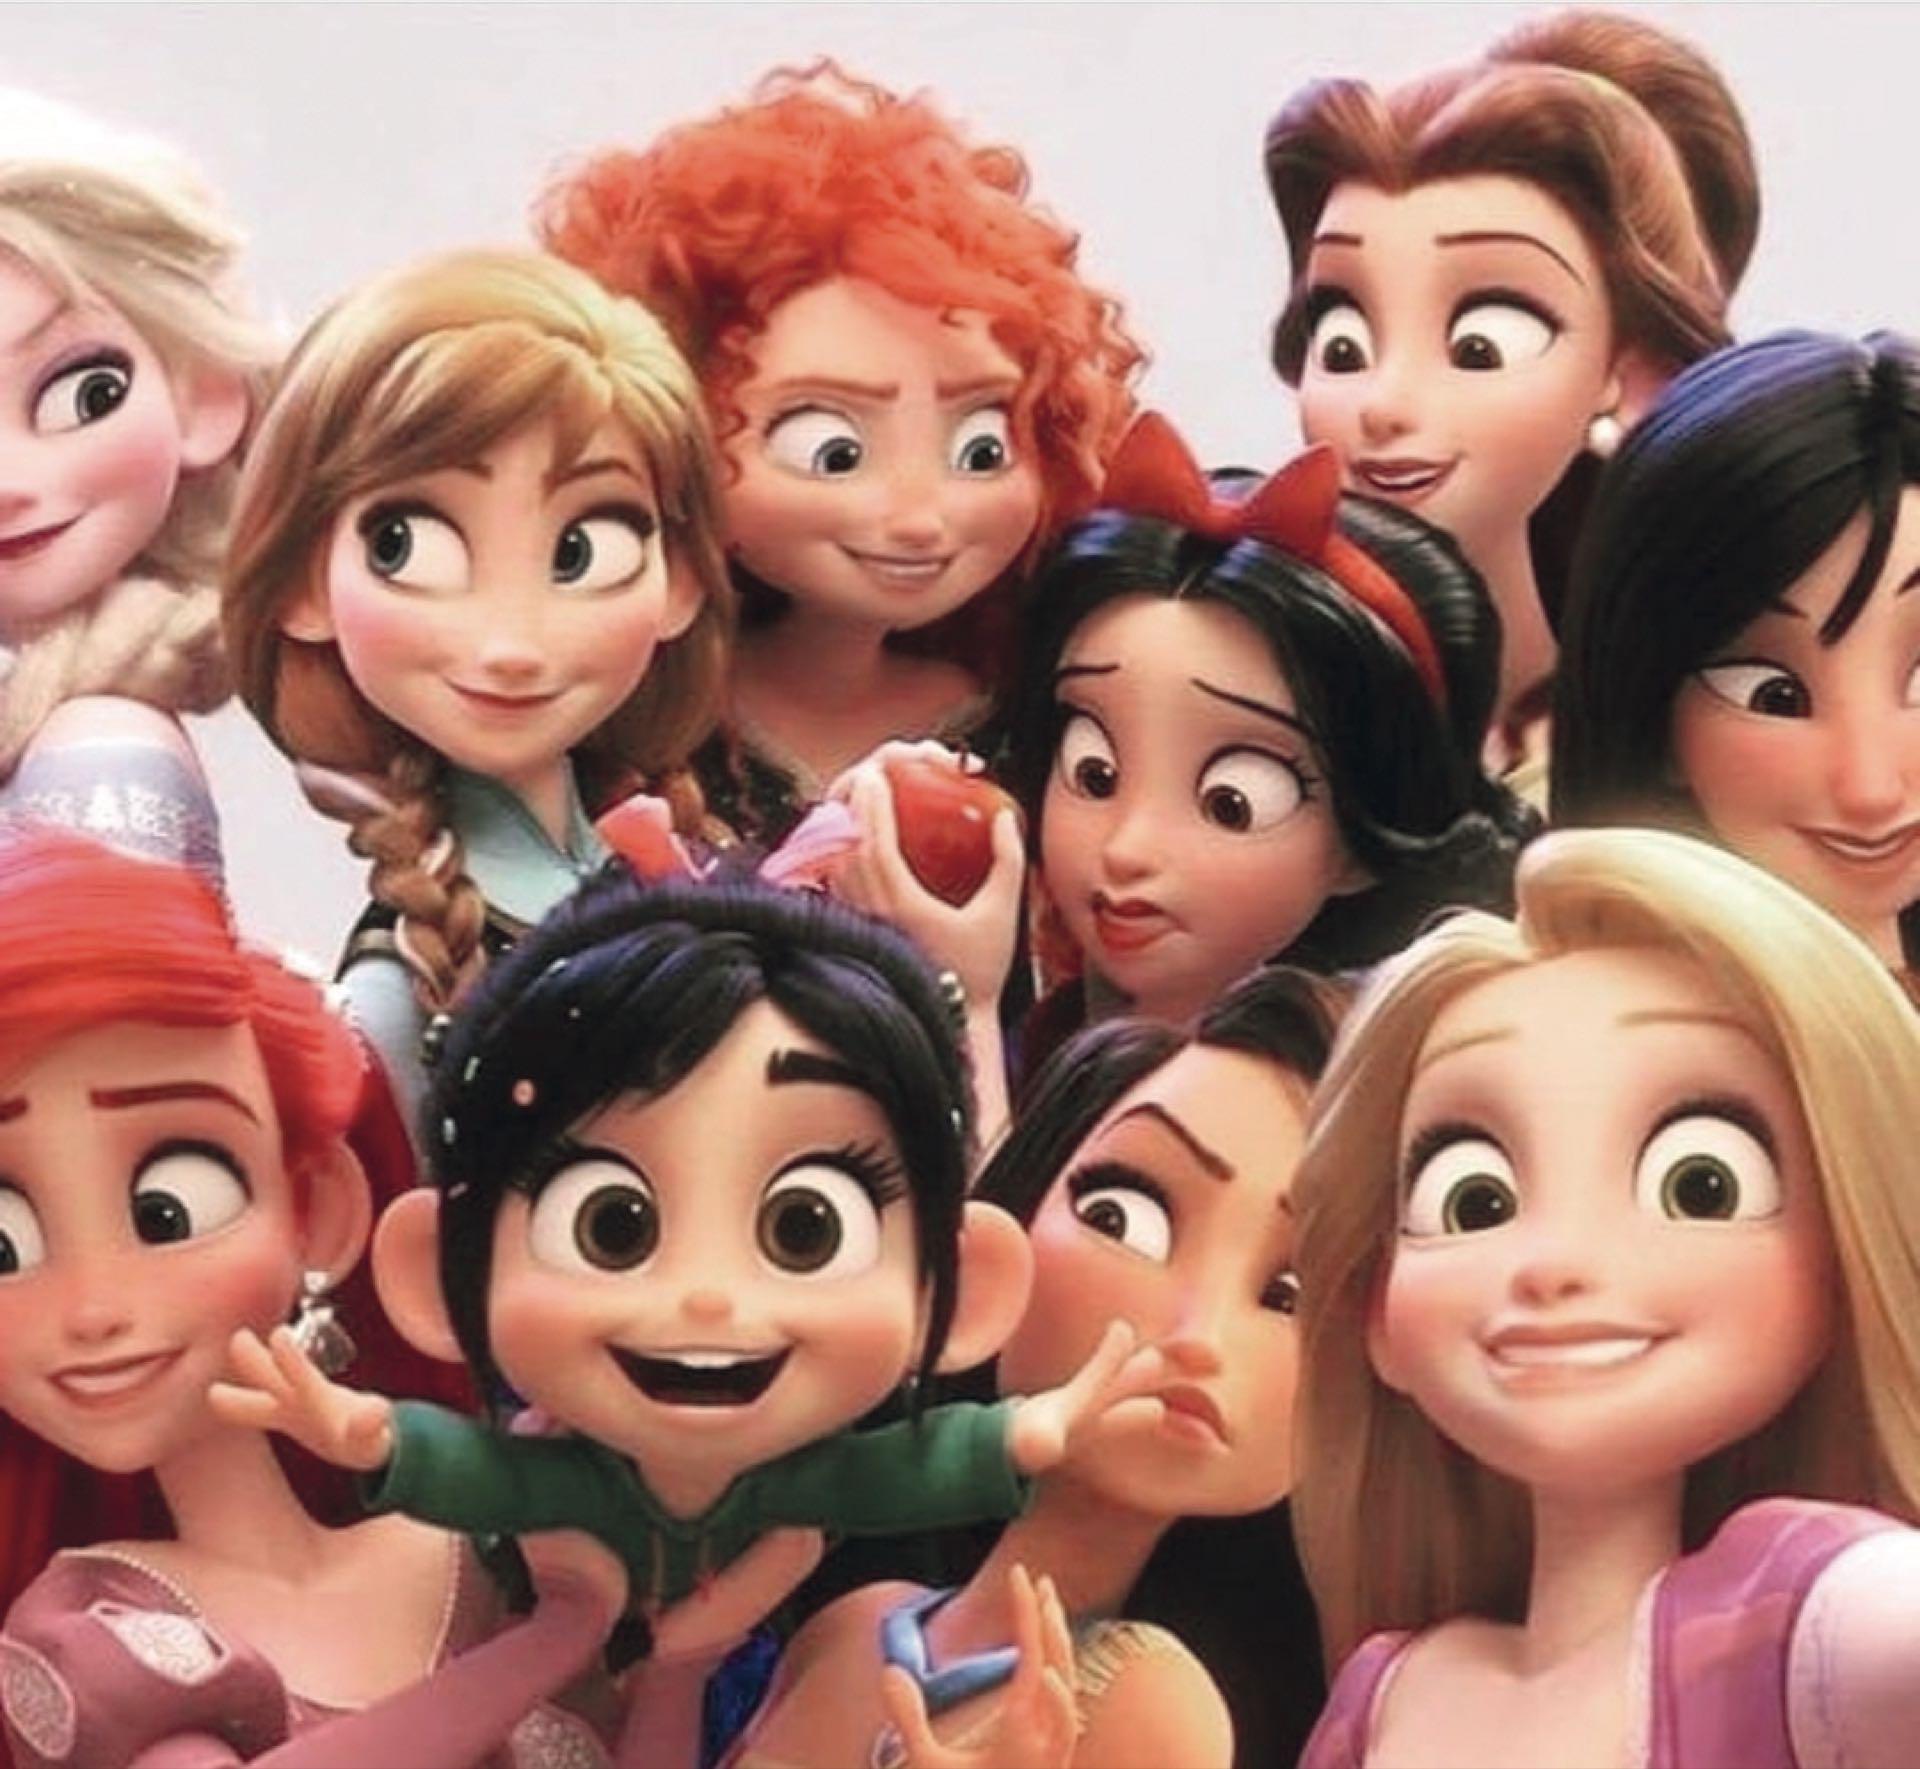 El efecto women power está reflejadohasta en los cines, donde nuevas generaciones verána través de filmes cómo las legendariasprincesas de Disney aprendieron a dejar de ser de cristaly saben de salvarse solitas.